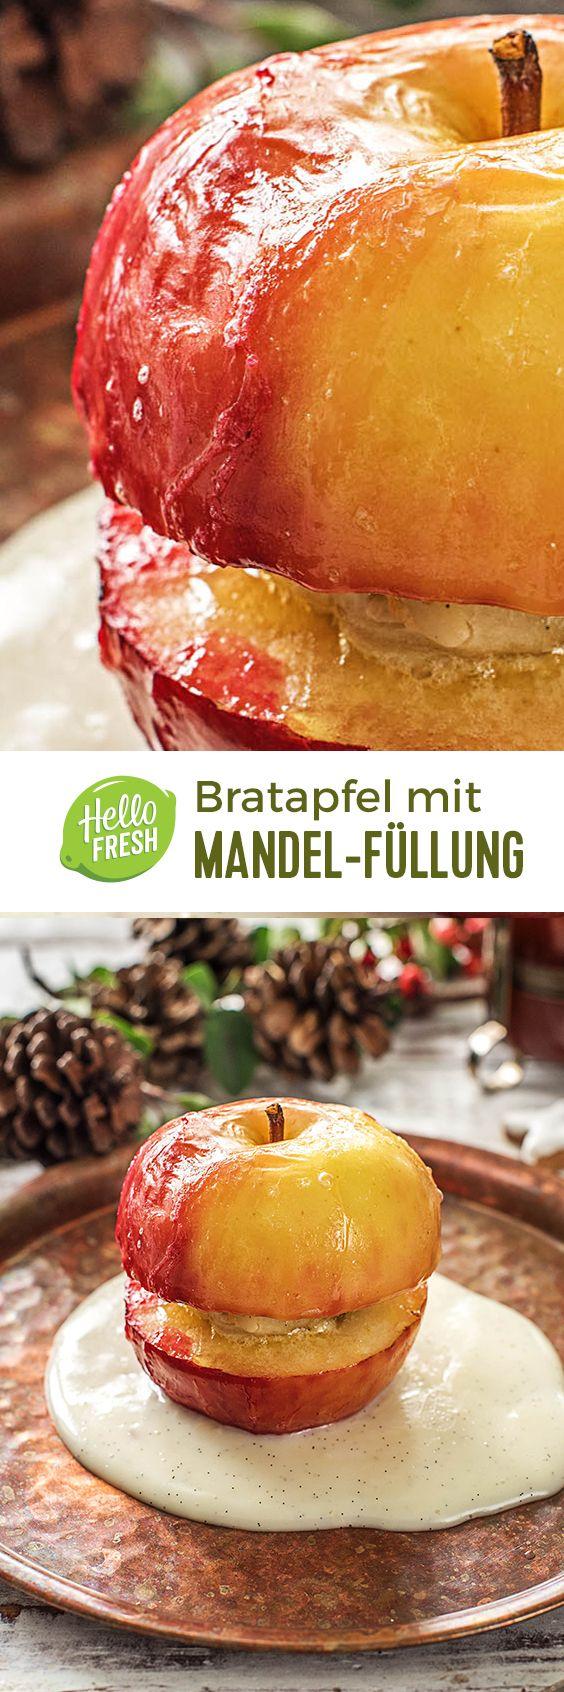 Köstlicher Bratapfel mit Marzipan-Mandel-Füllung und selbst gemachter Vanillesoße.